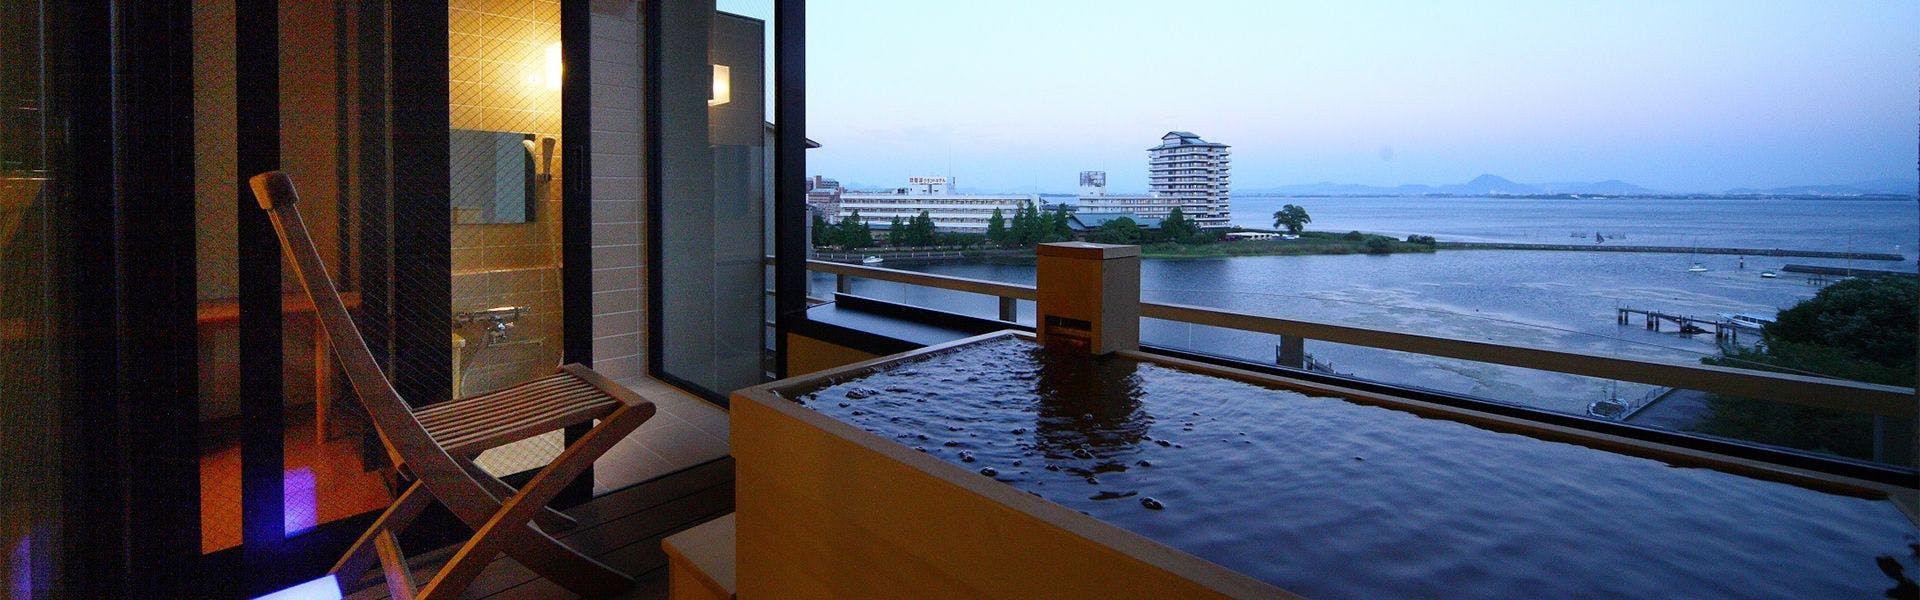 記念日におすすめのホテル・おごと温泉 びわこ緑水亭の写真1